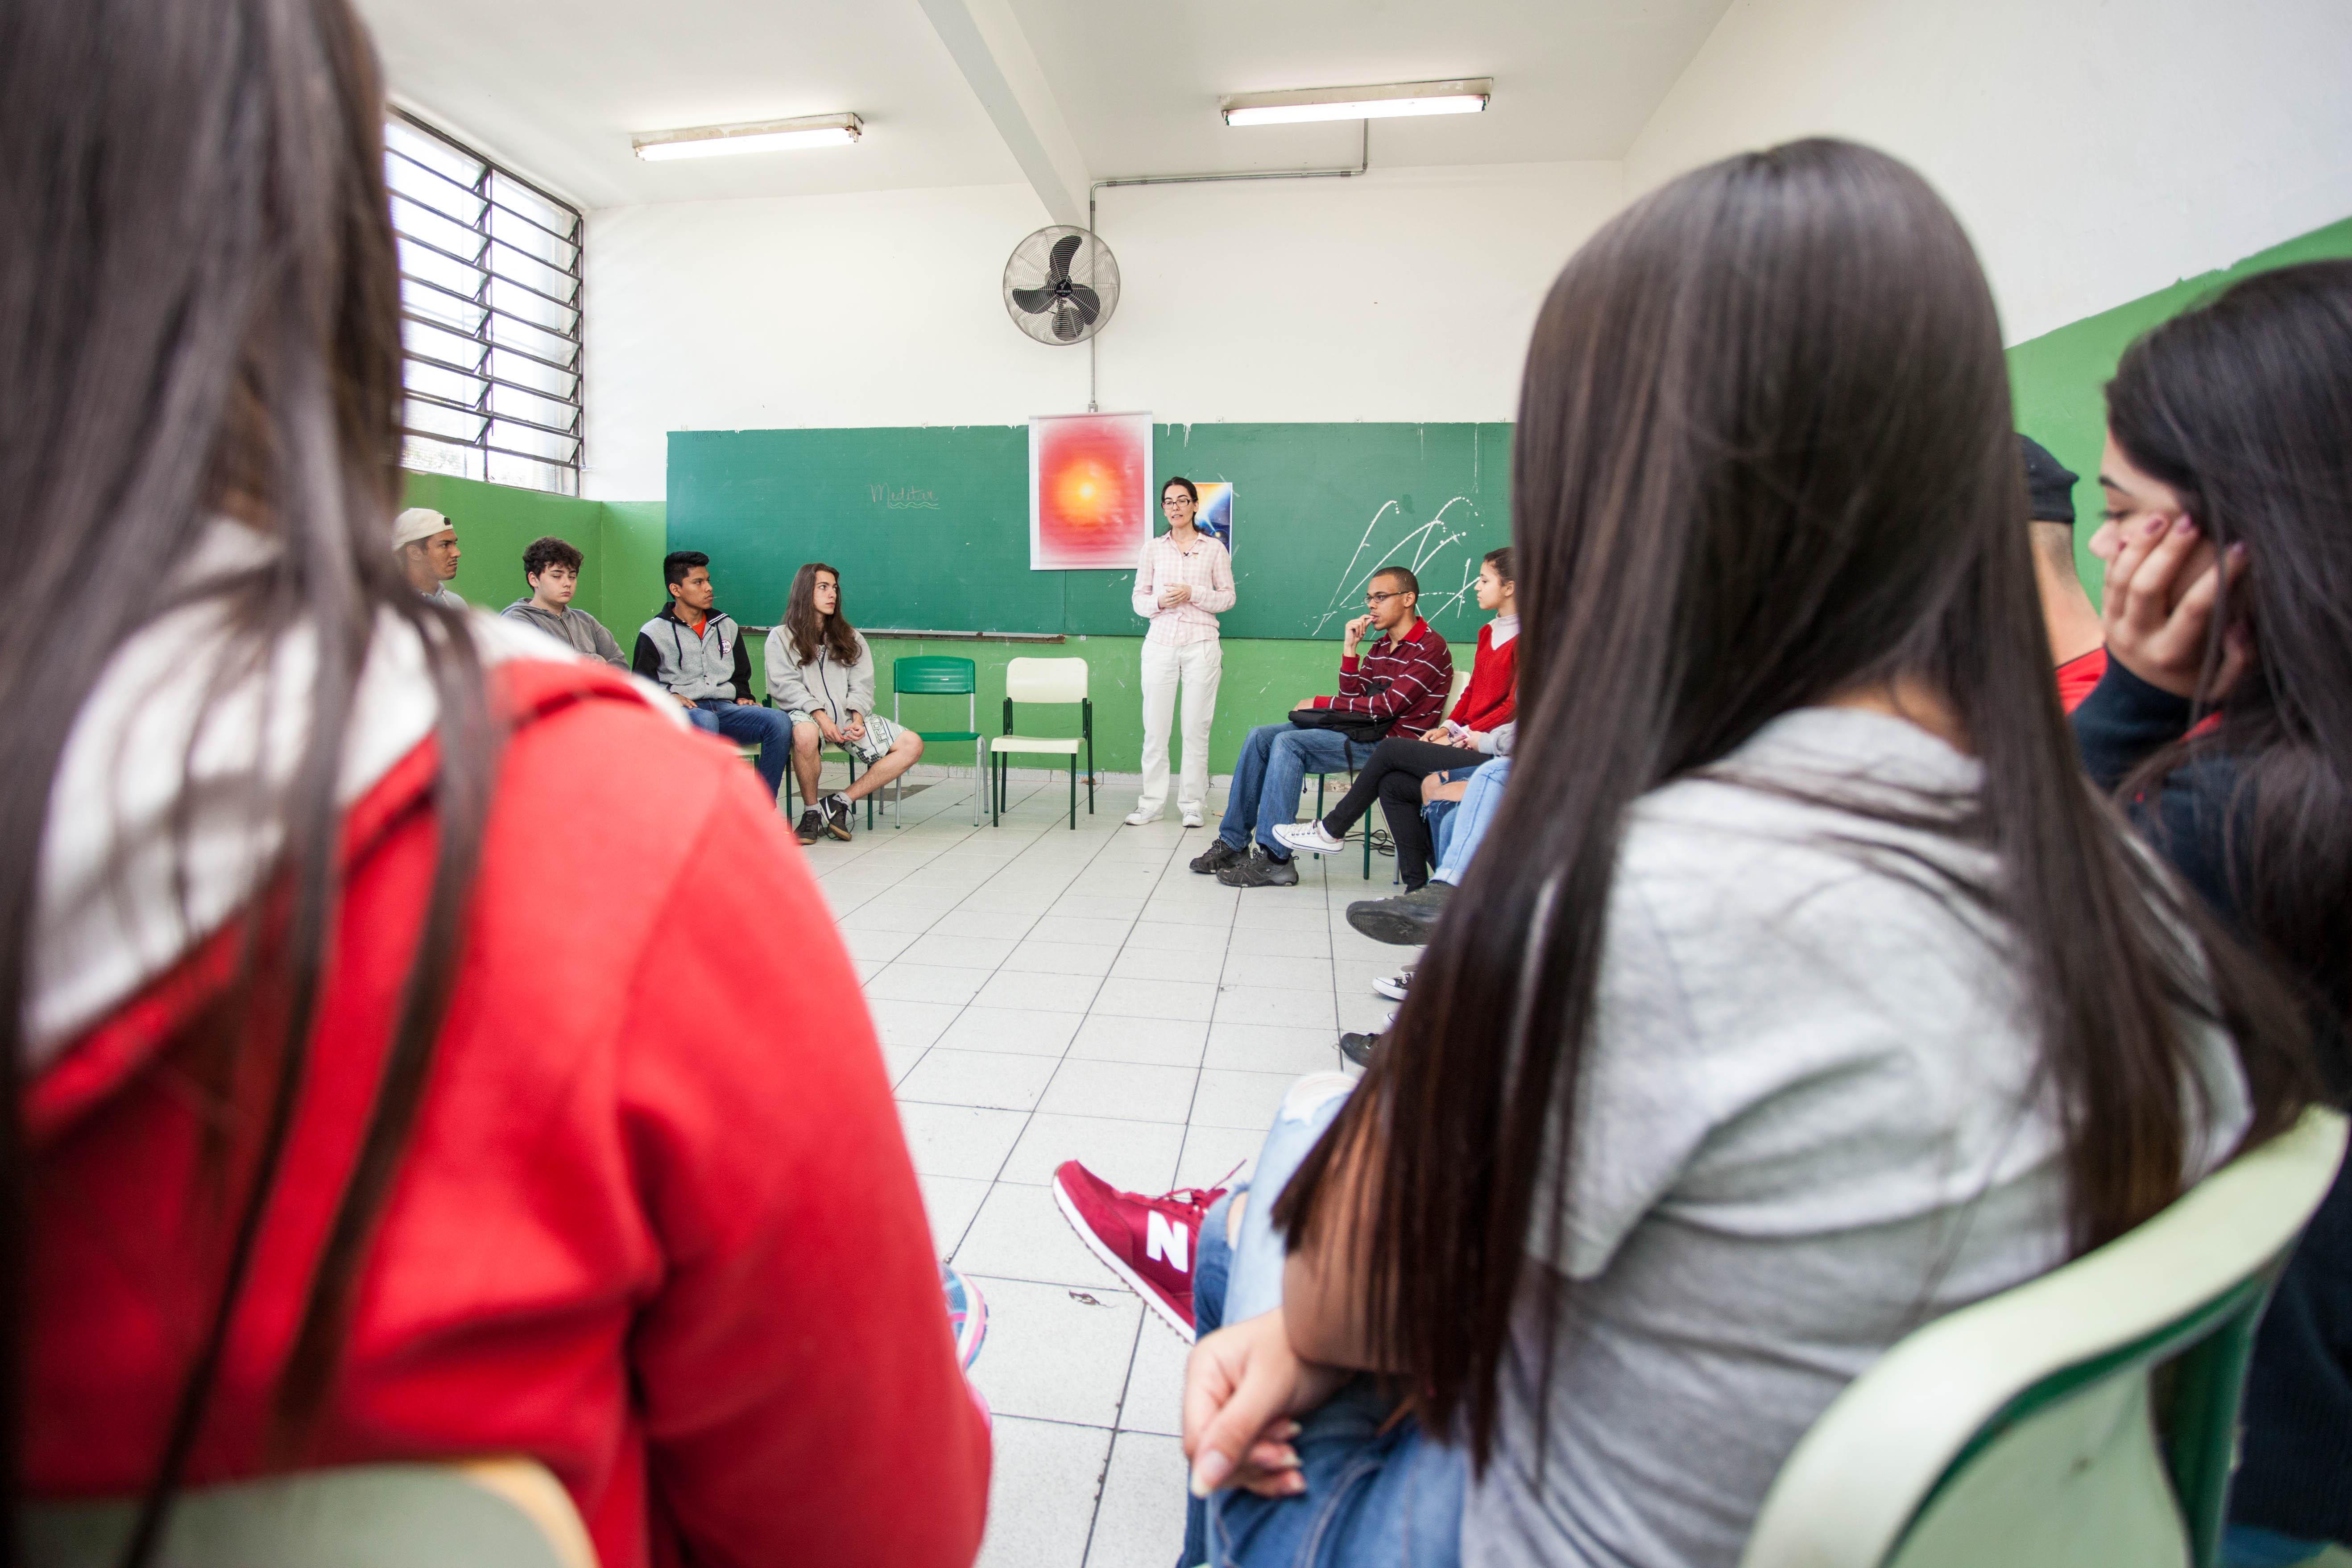 Alunos da escola Joaquim Luiz de Brito participam de aula de meditacao para ajudar nas preparacao da prova do ENEM. Data: 20/09/2017 LOCAL: Sao Paulo SP FOTO: Marcelo S. Camargo/A2IMG